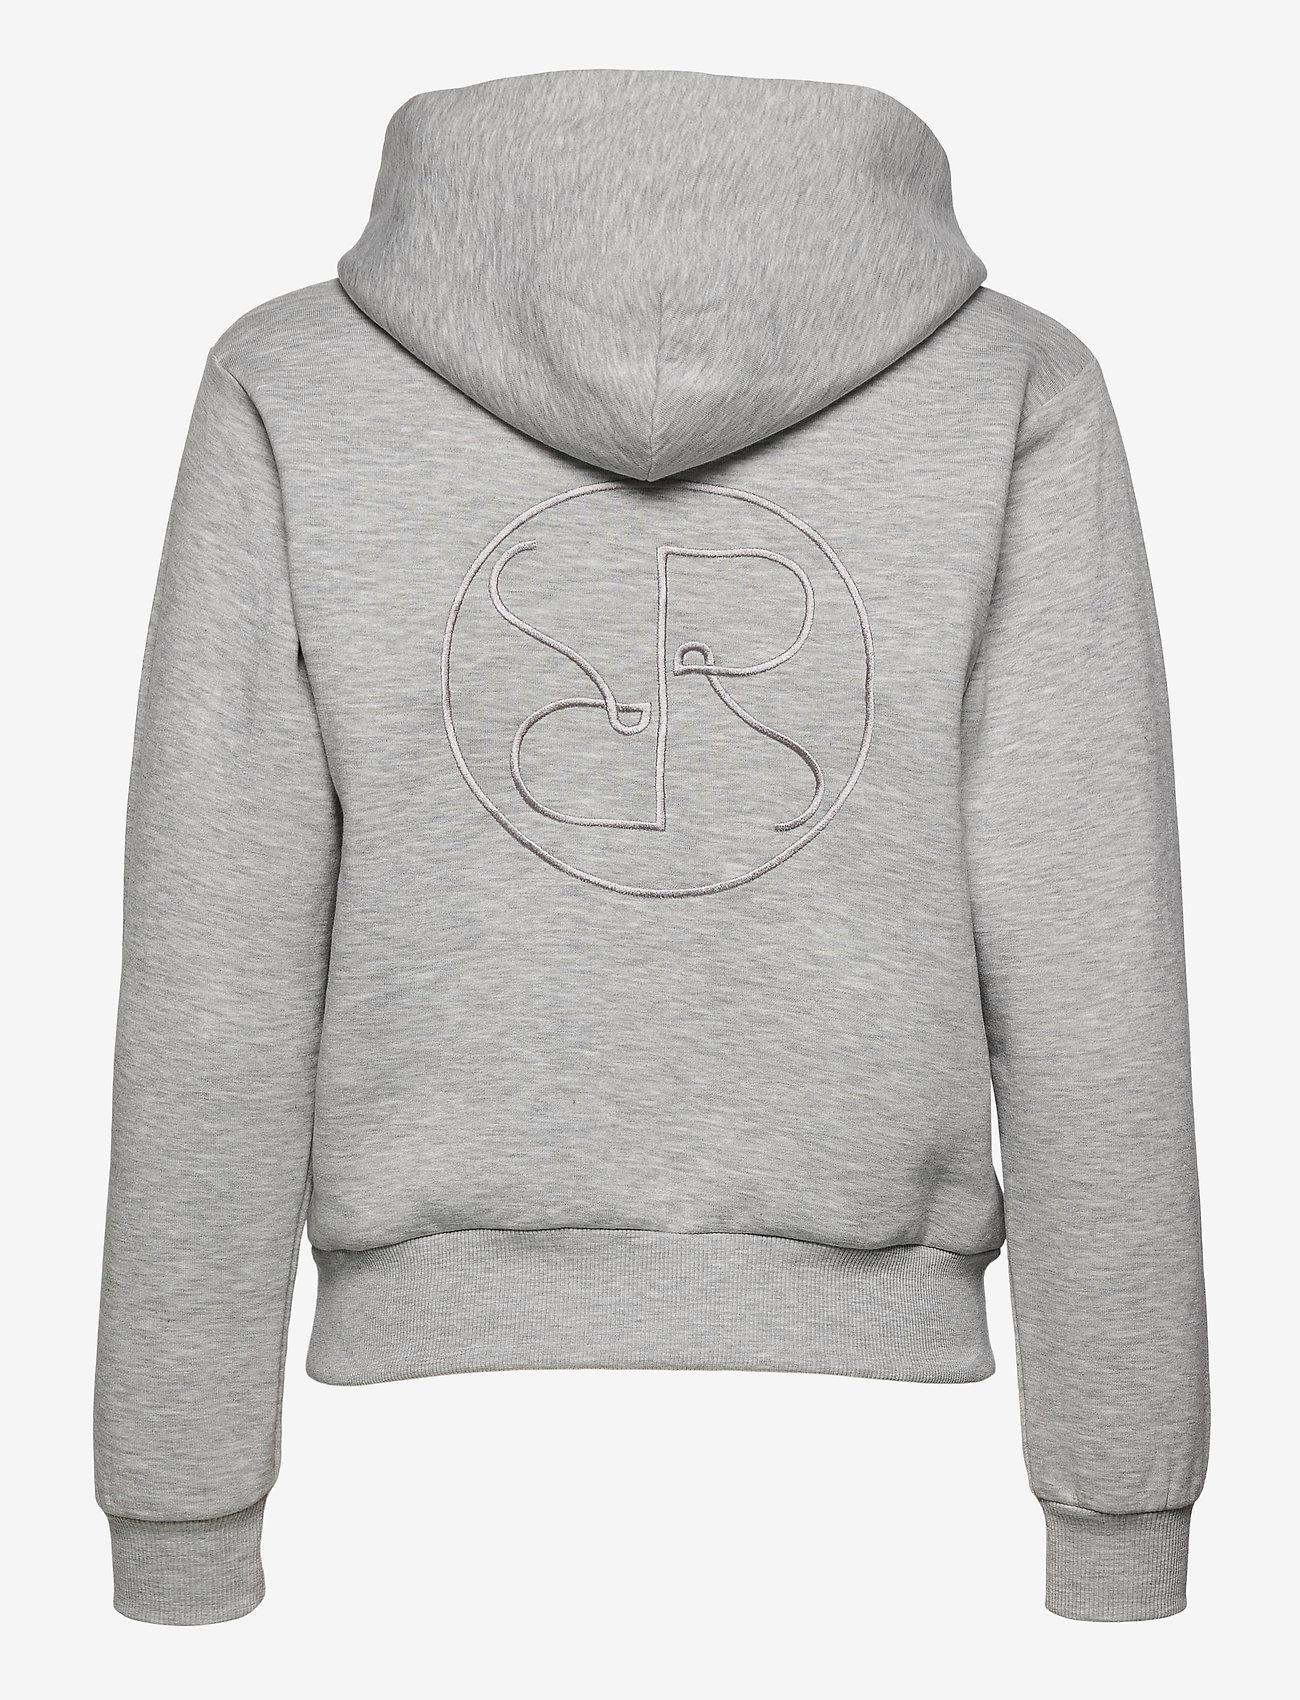 RODEBJER - RODEBJER MONOGRAM - sweatshirts & hættetrøjer - grey melange - 1